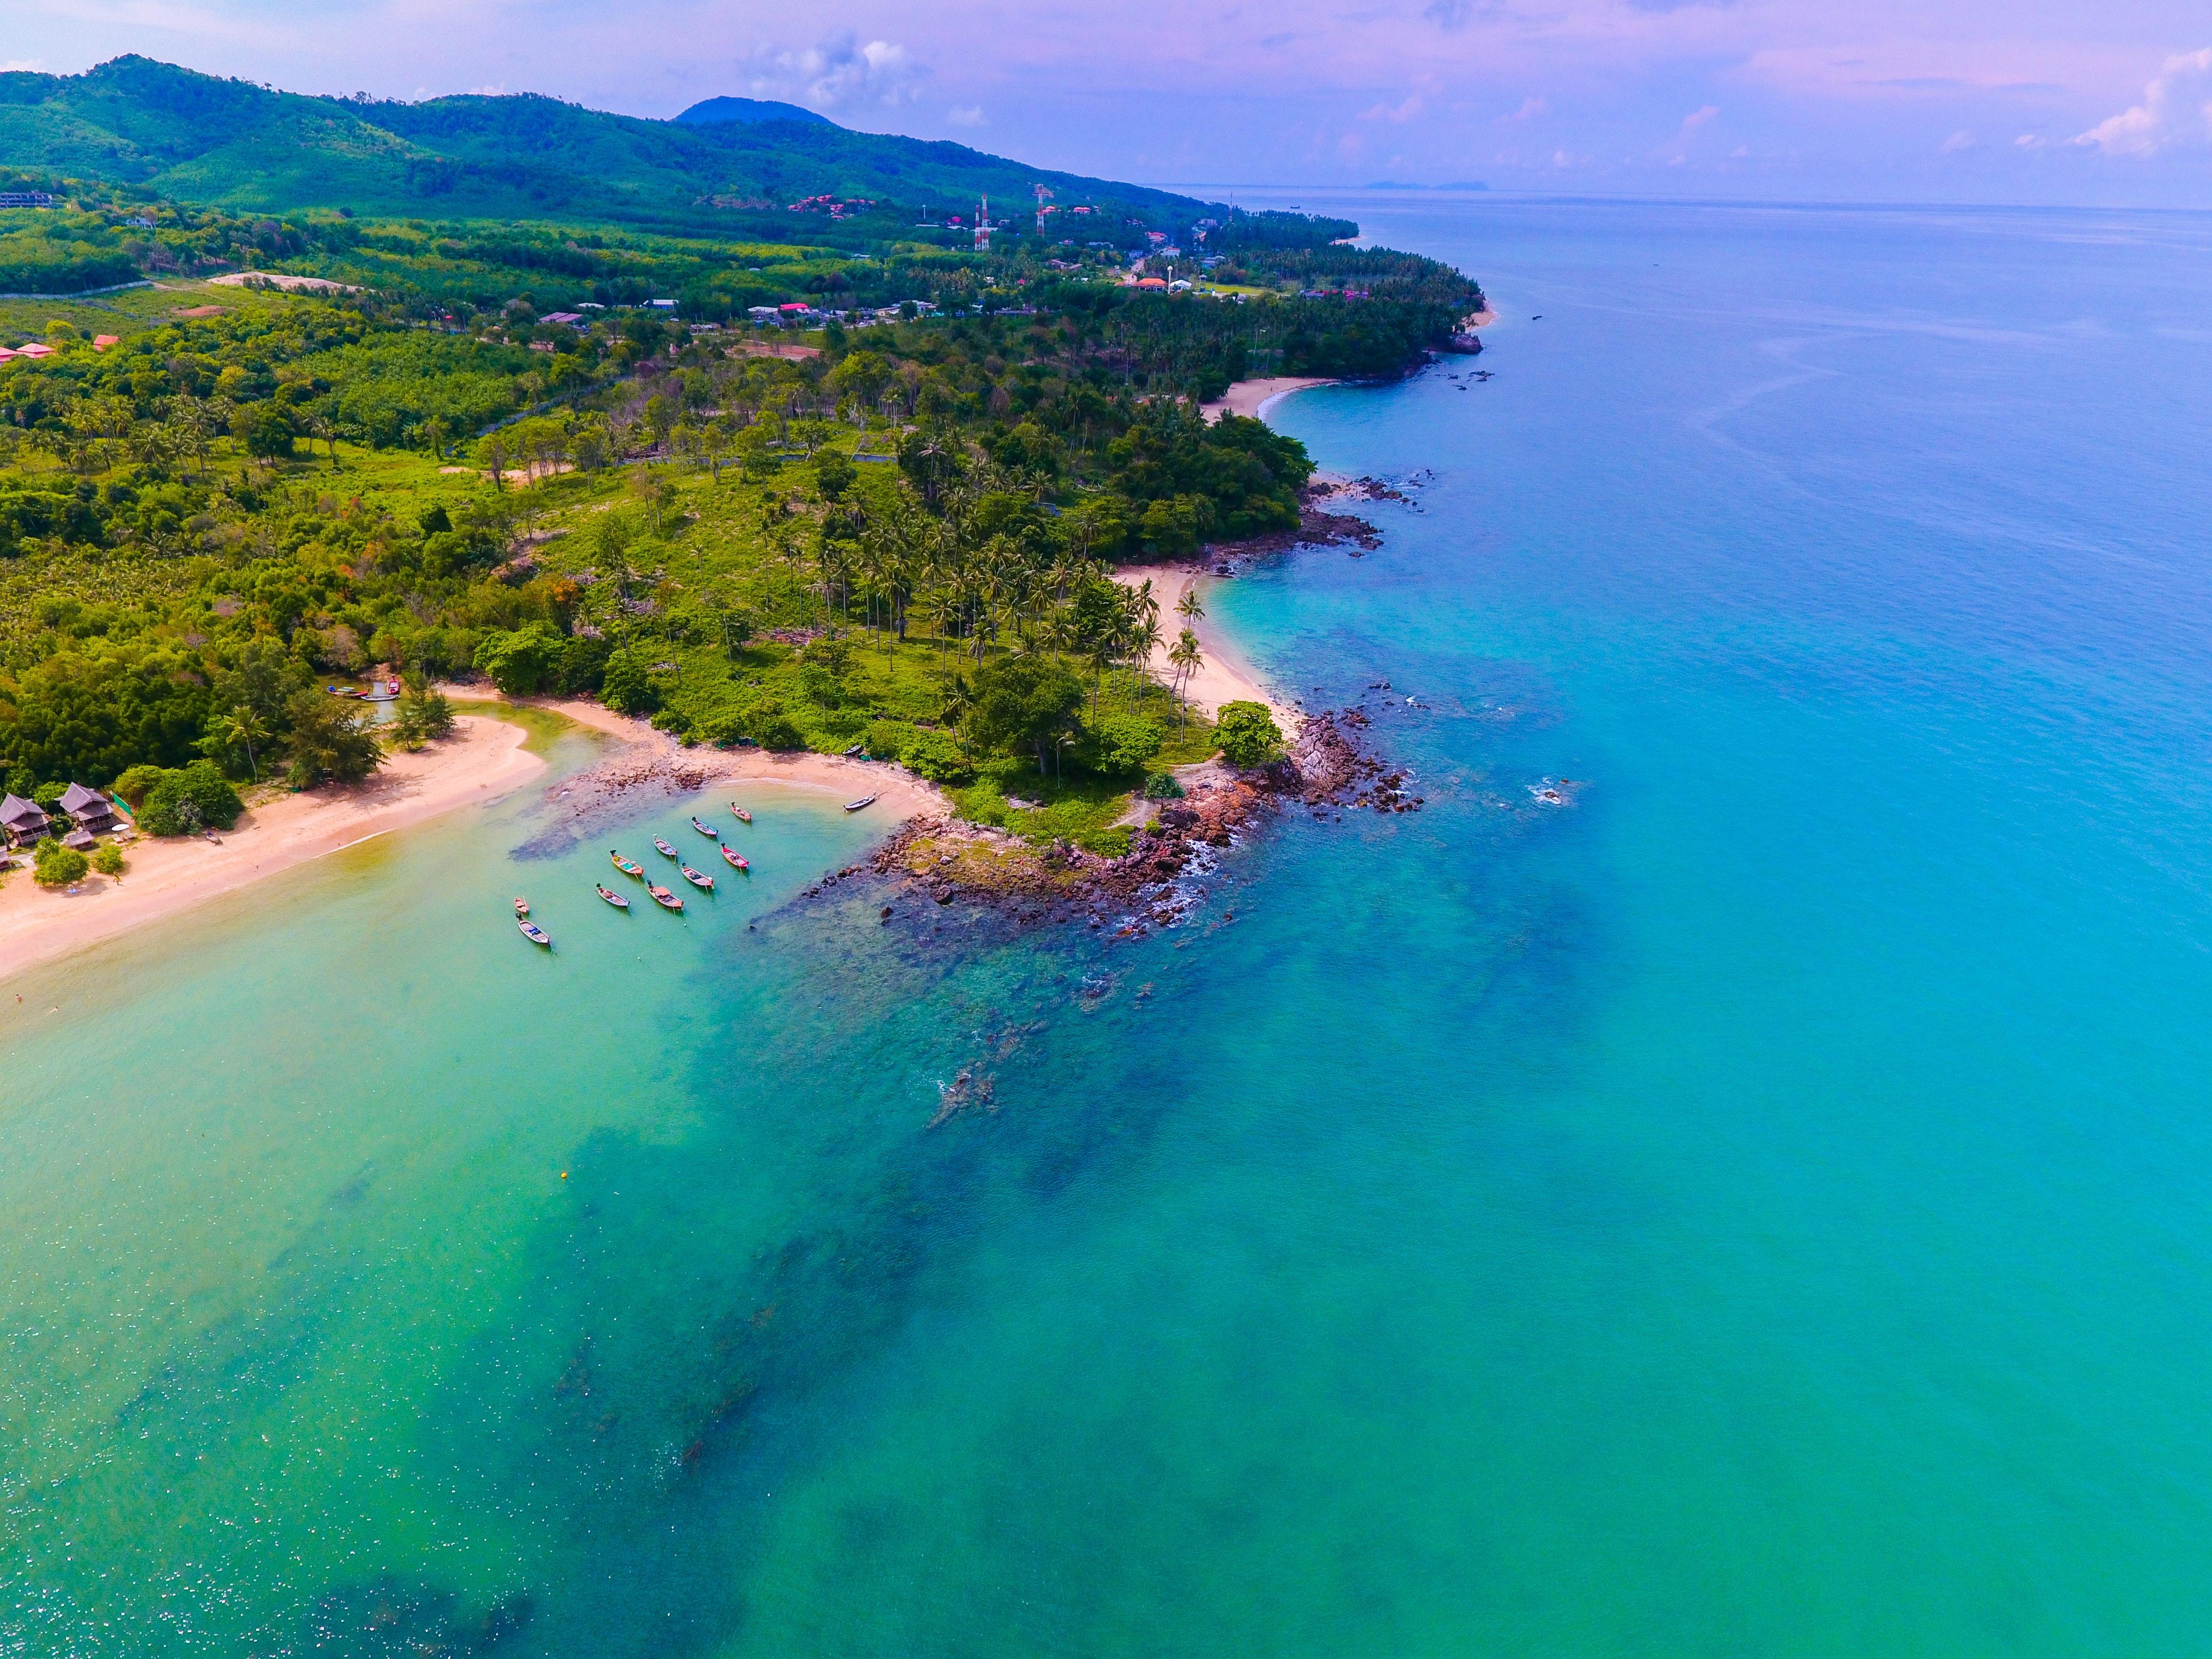 Kho Lanta island